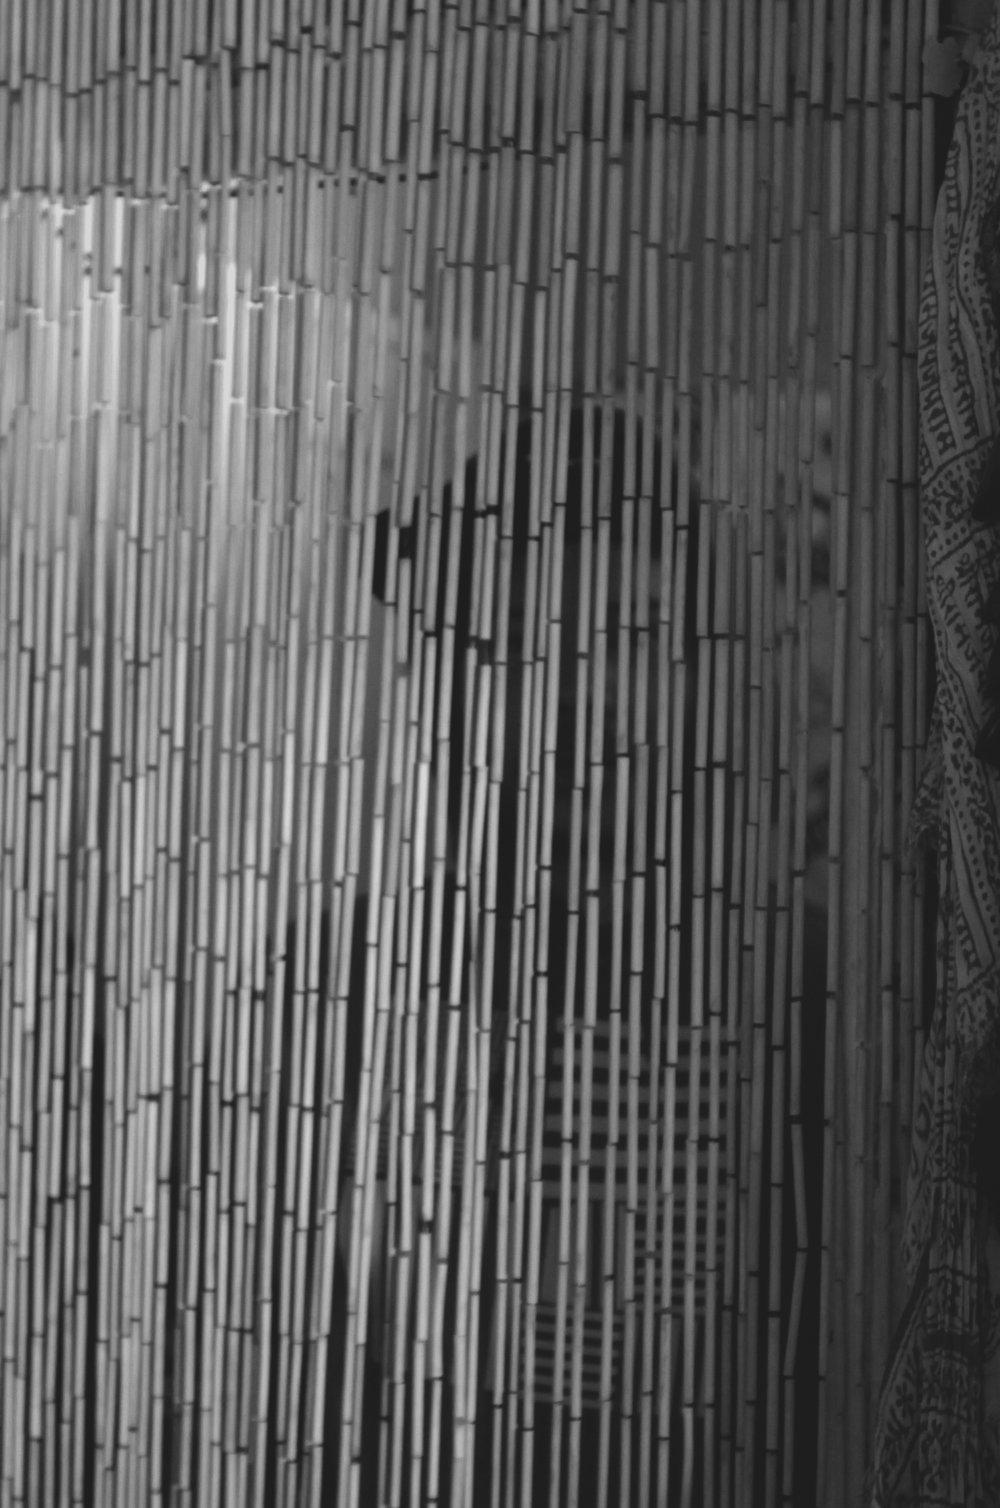 NIMETÖN Ikä: 36-vuotta Koulutus: Taide-ja lasialan artesaani Tulot: Työkokeilu 720e/kk, asumistuki 124€/kk Ravintola-alan oppisopimuskoulutus huhtikuusta 2016 alkaen.